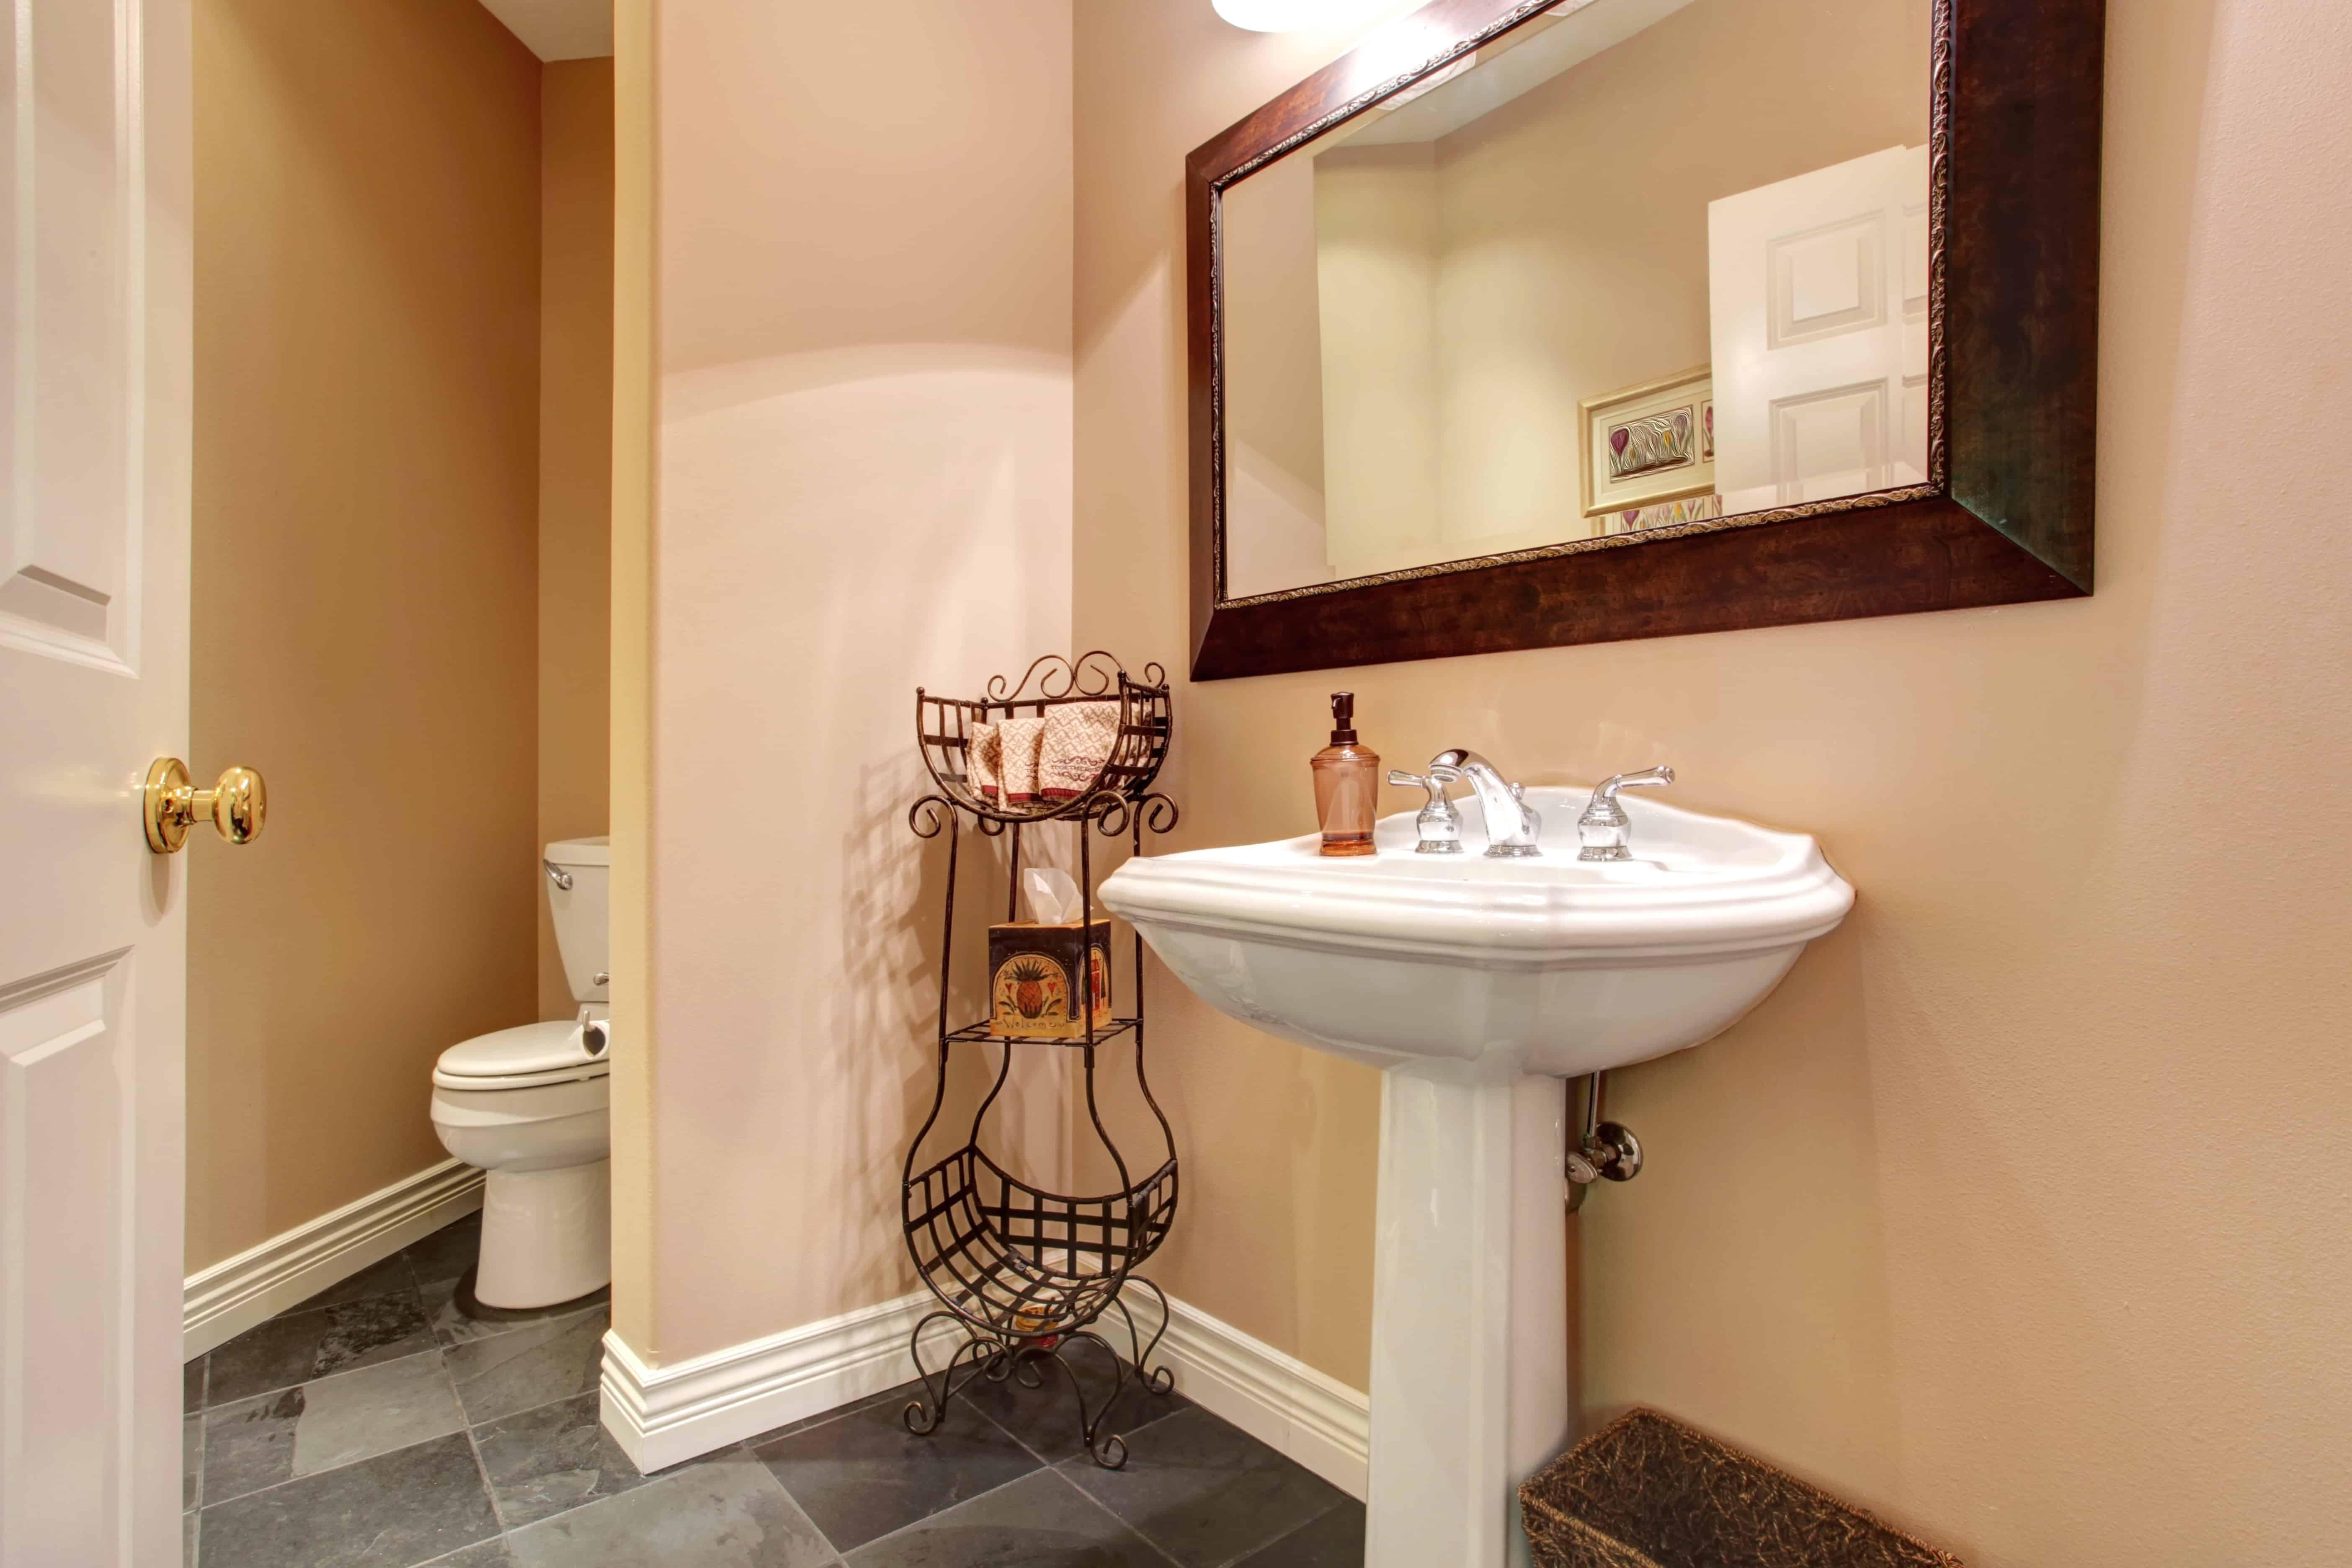 Badkamer Renovatie Limburg : Badkamer opfrissen met likje verf doe je wonderen